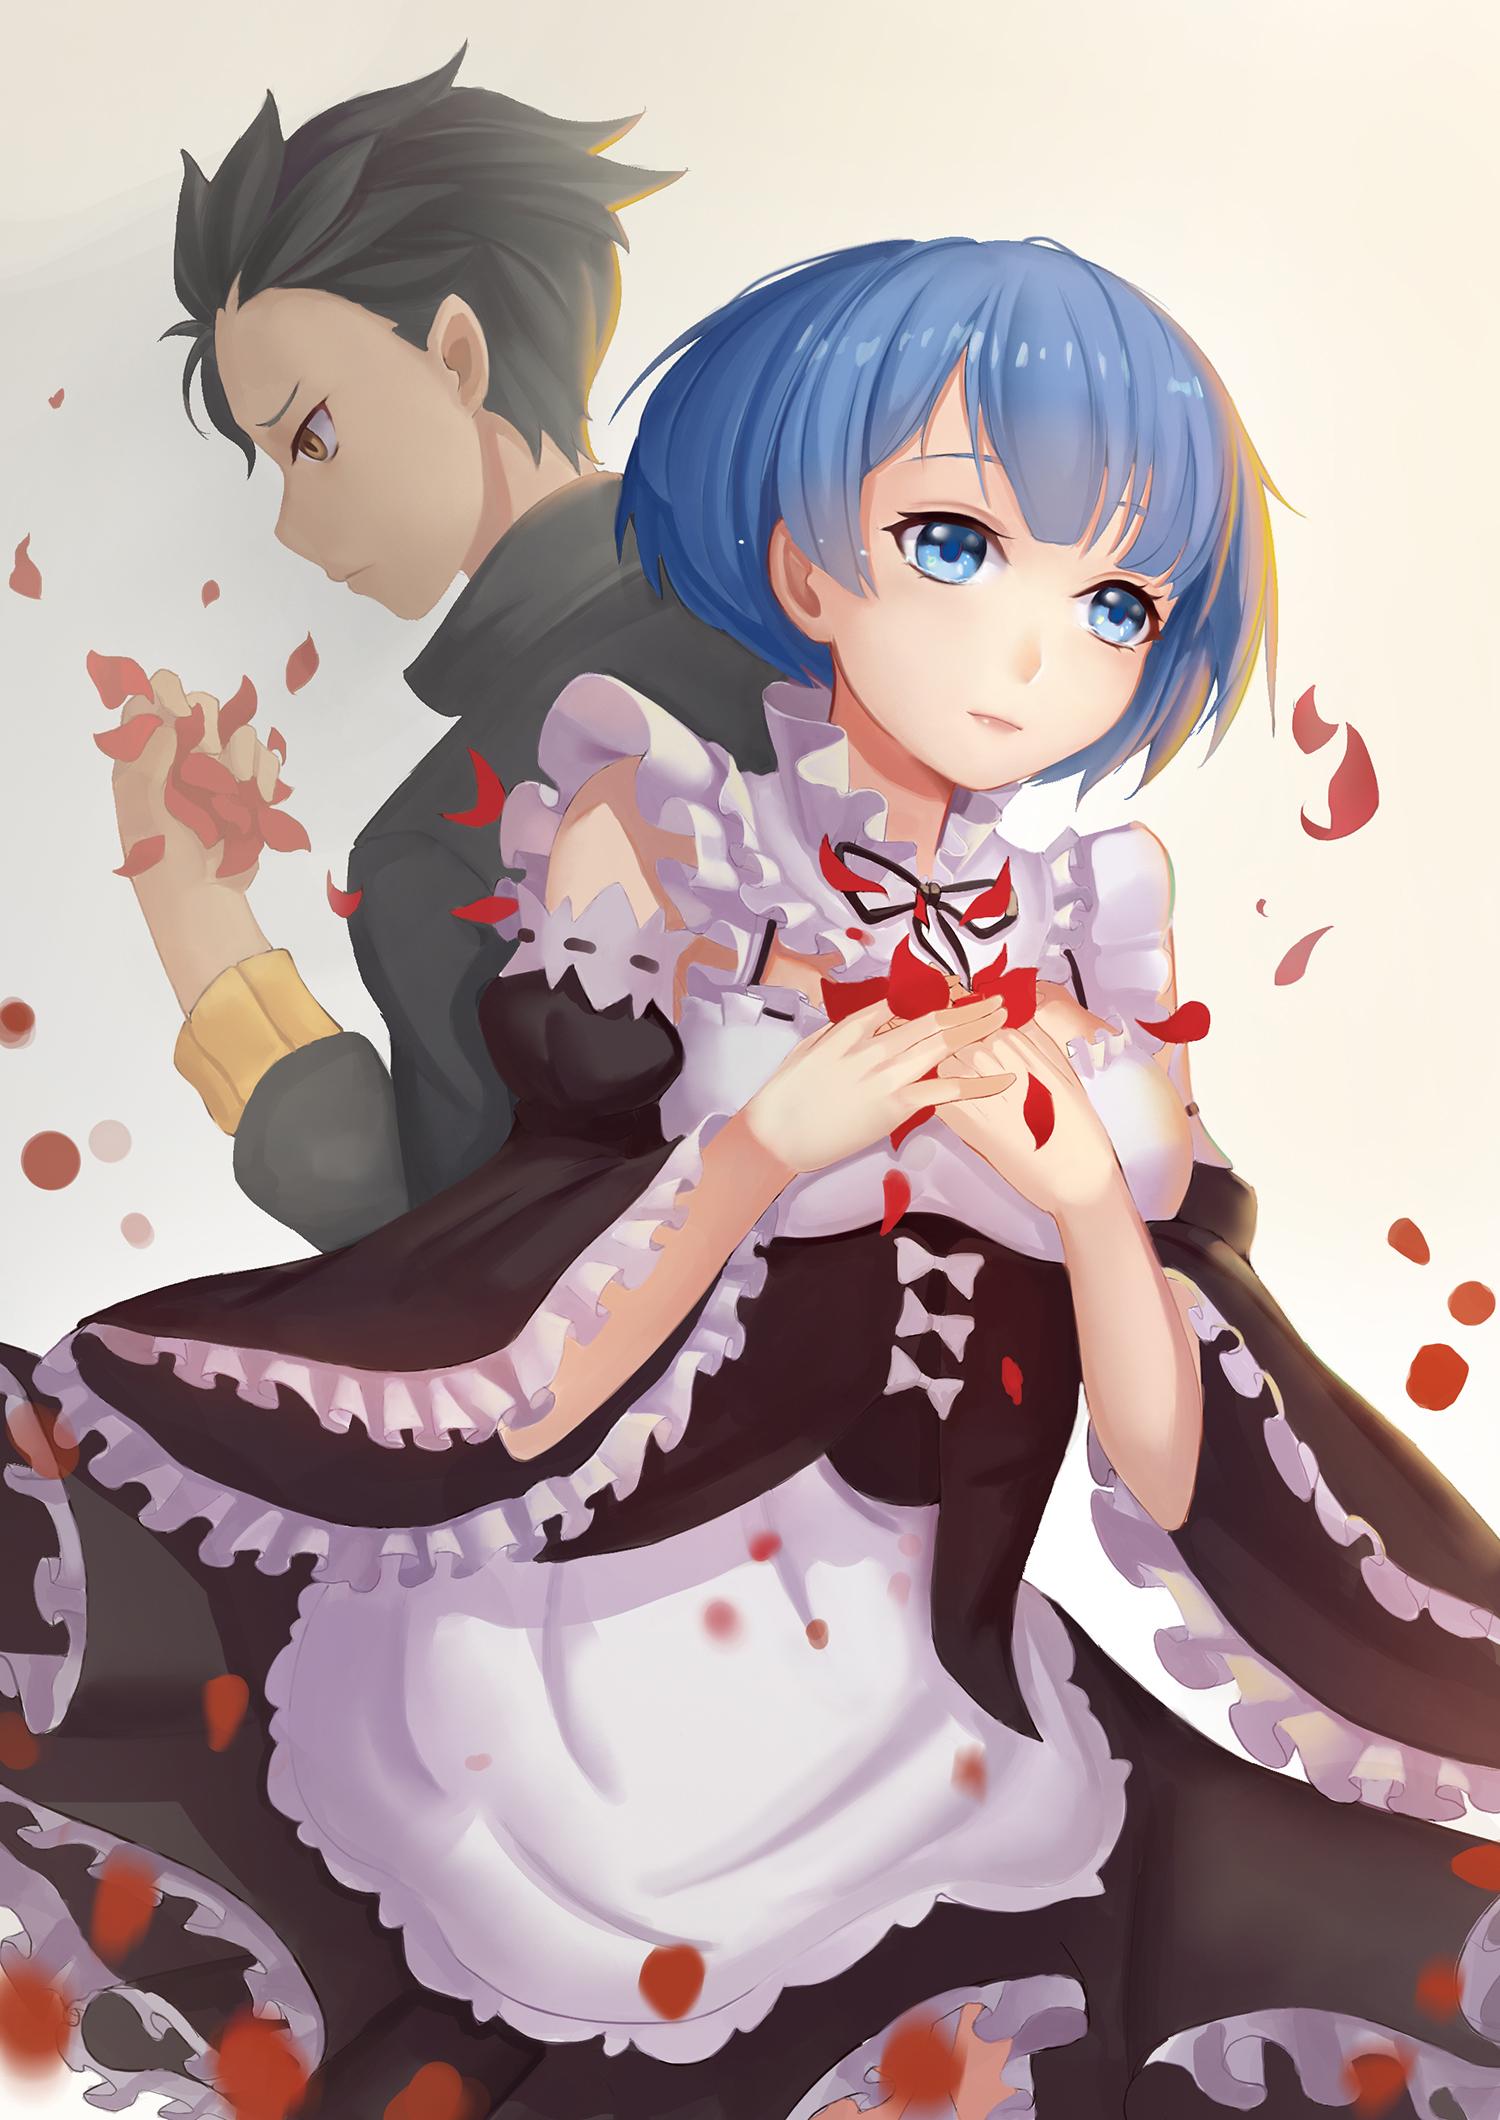 Re:Zero Kara Hajimeru Isekai Seikatsu/#2089513 - Zerochan